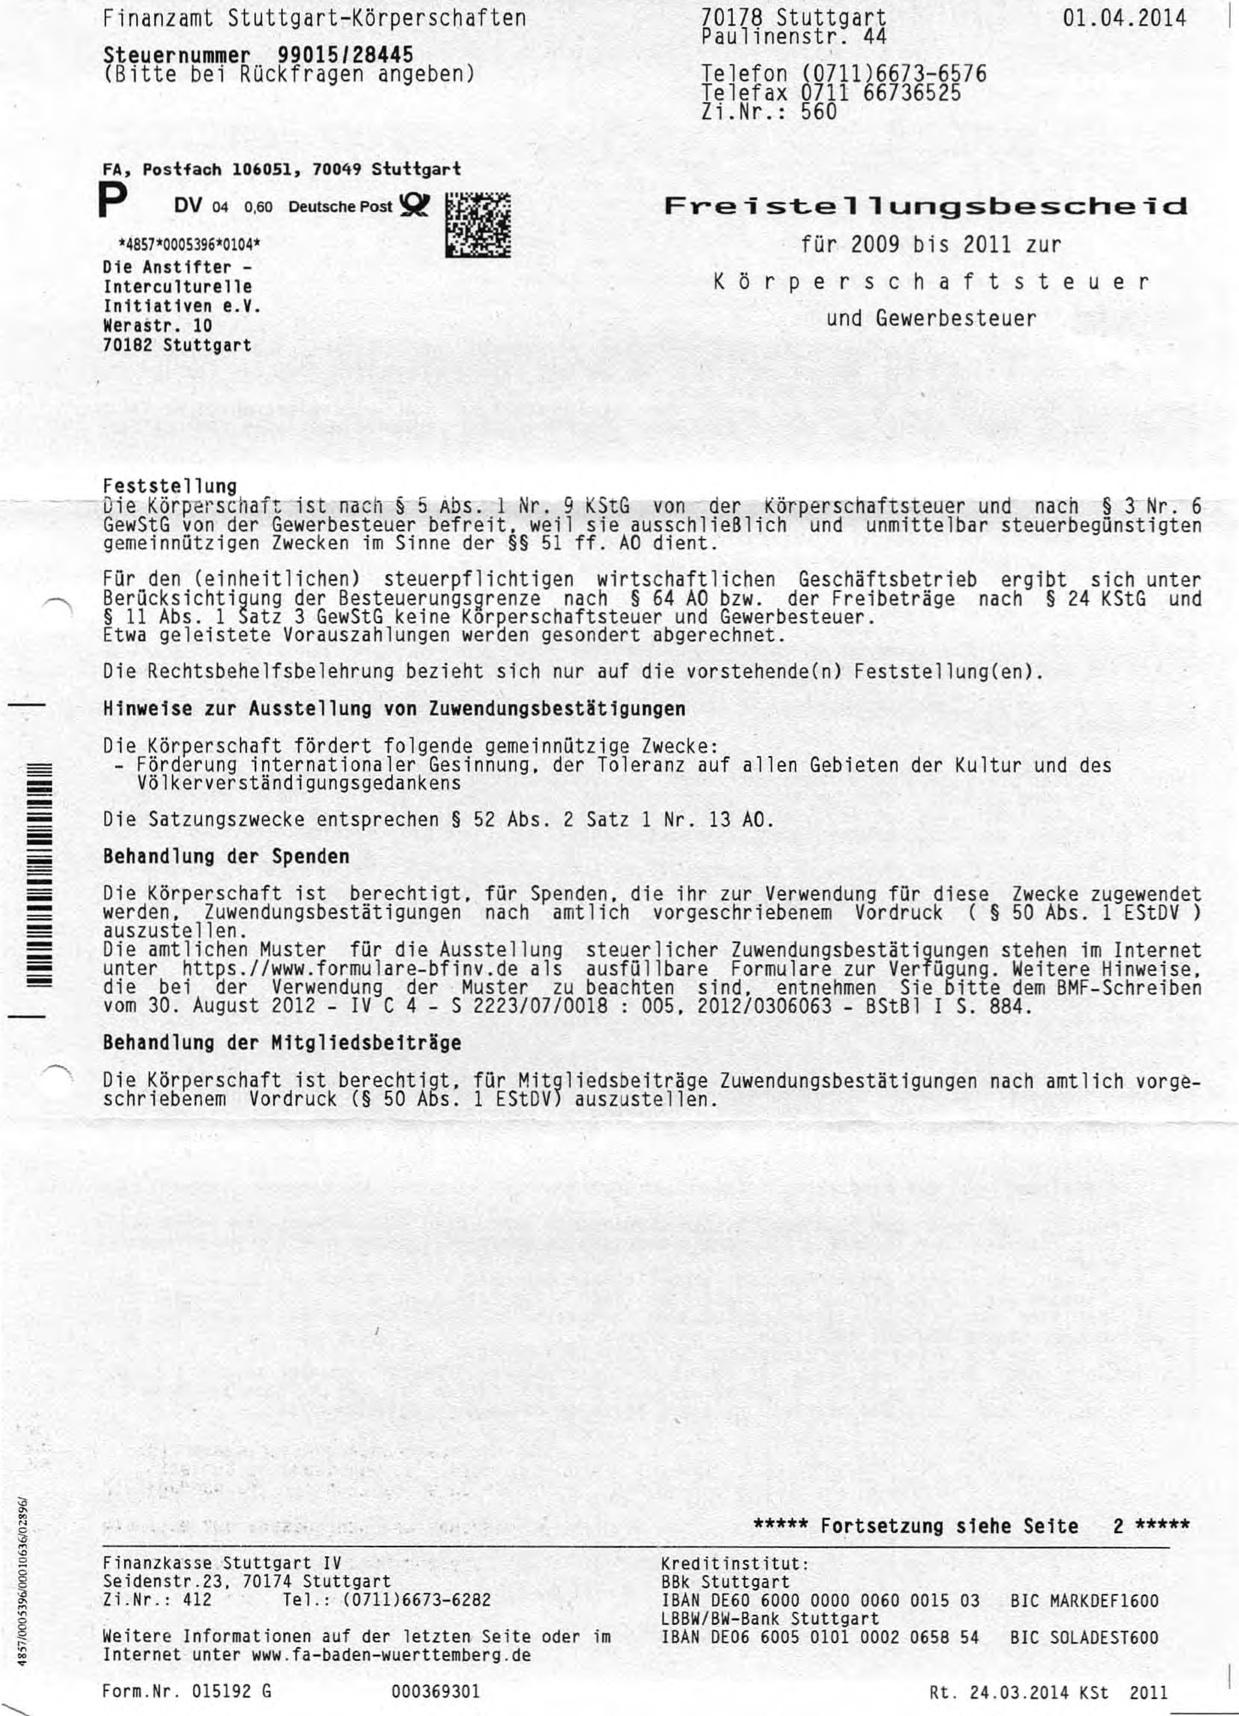 2014-04-01 Freistellungsbescheid Die AnStifter klein